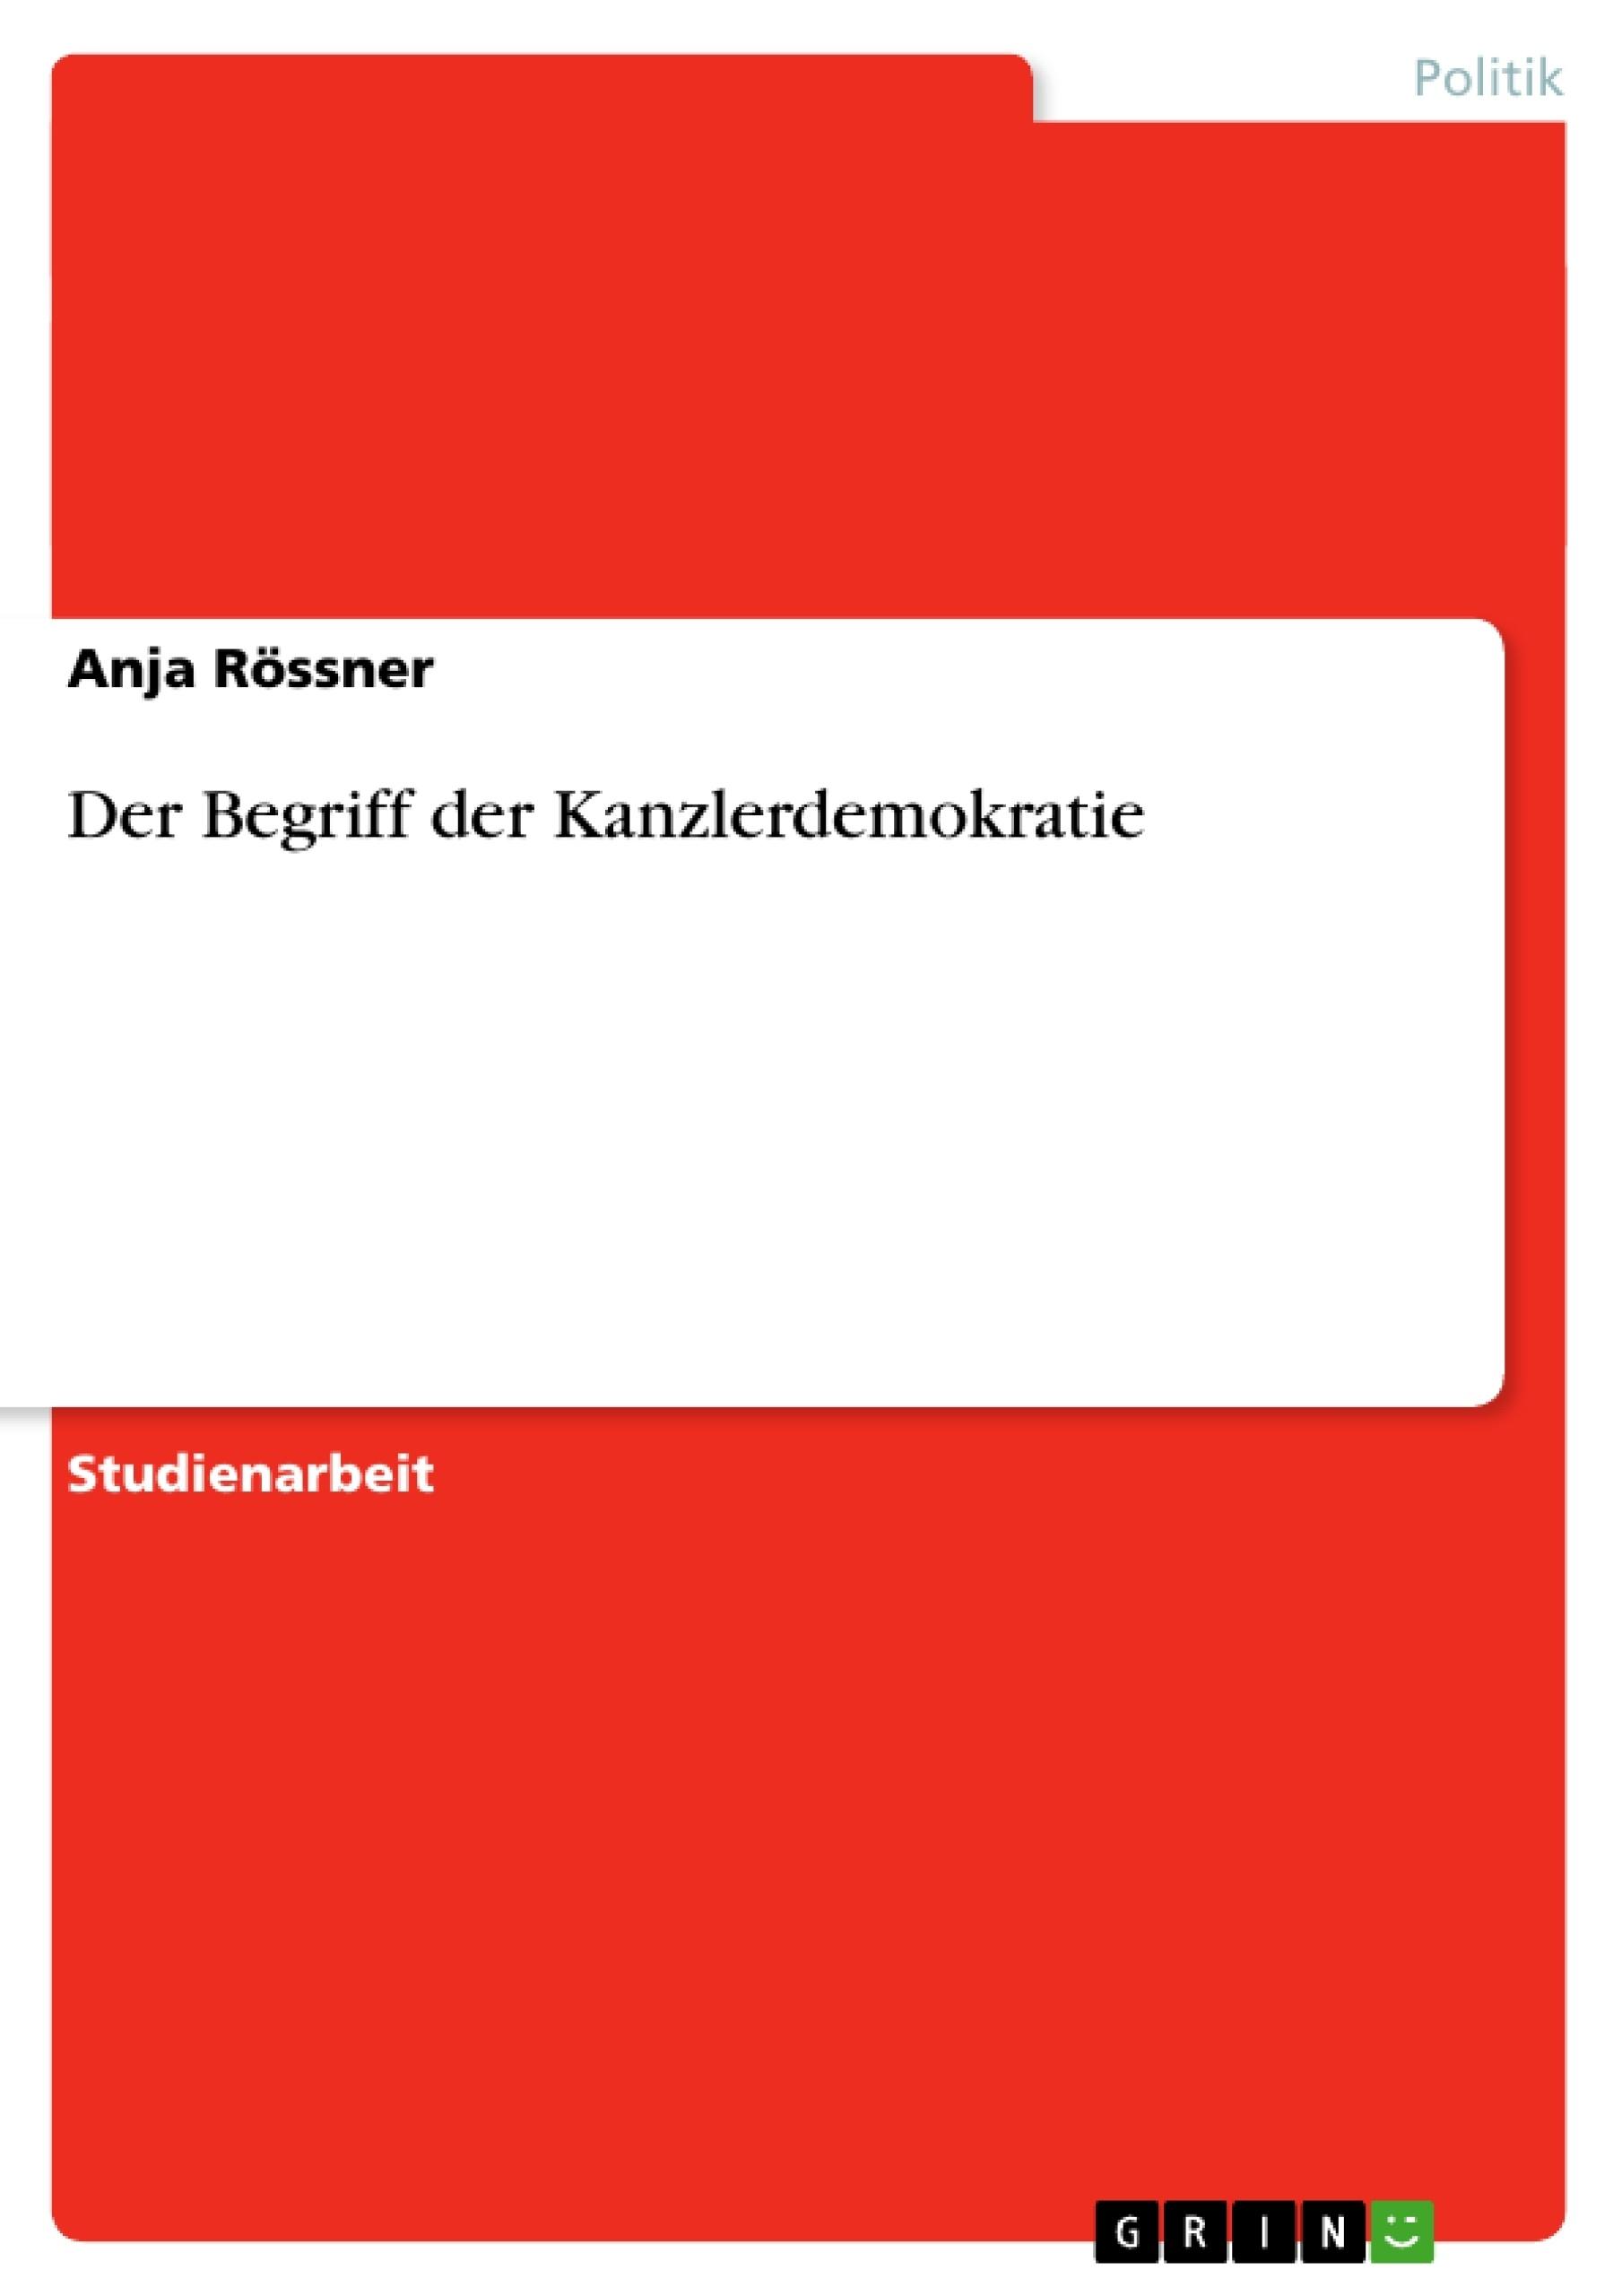 Titel: Der Begriff der Kanzlerdemokratie